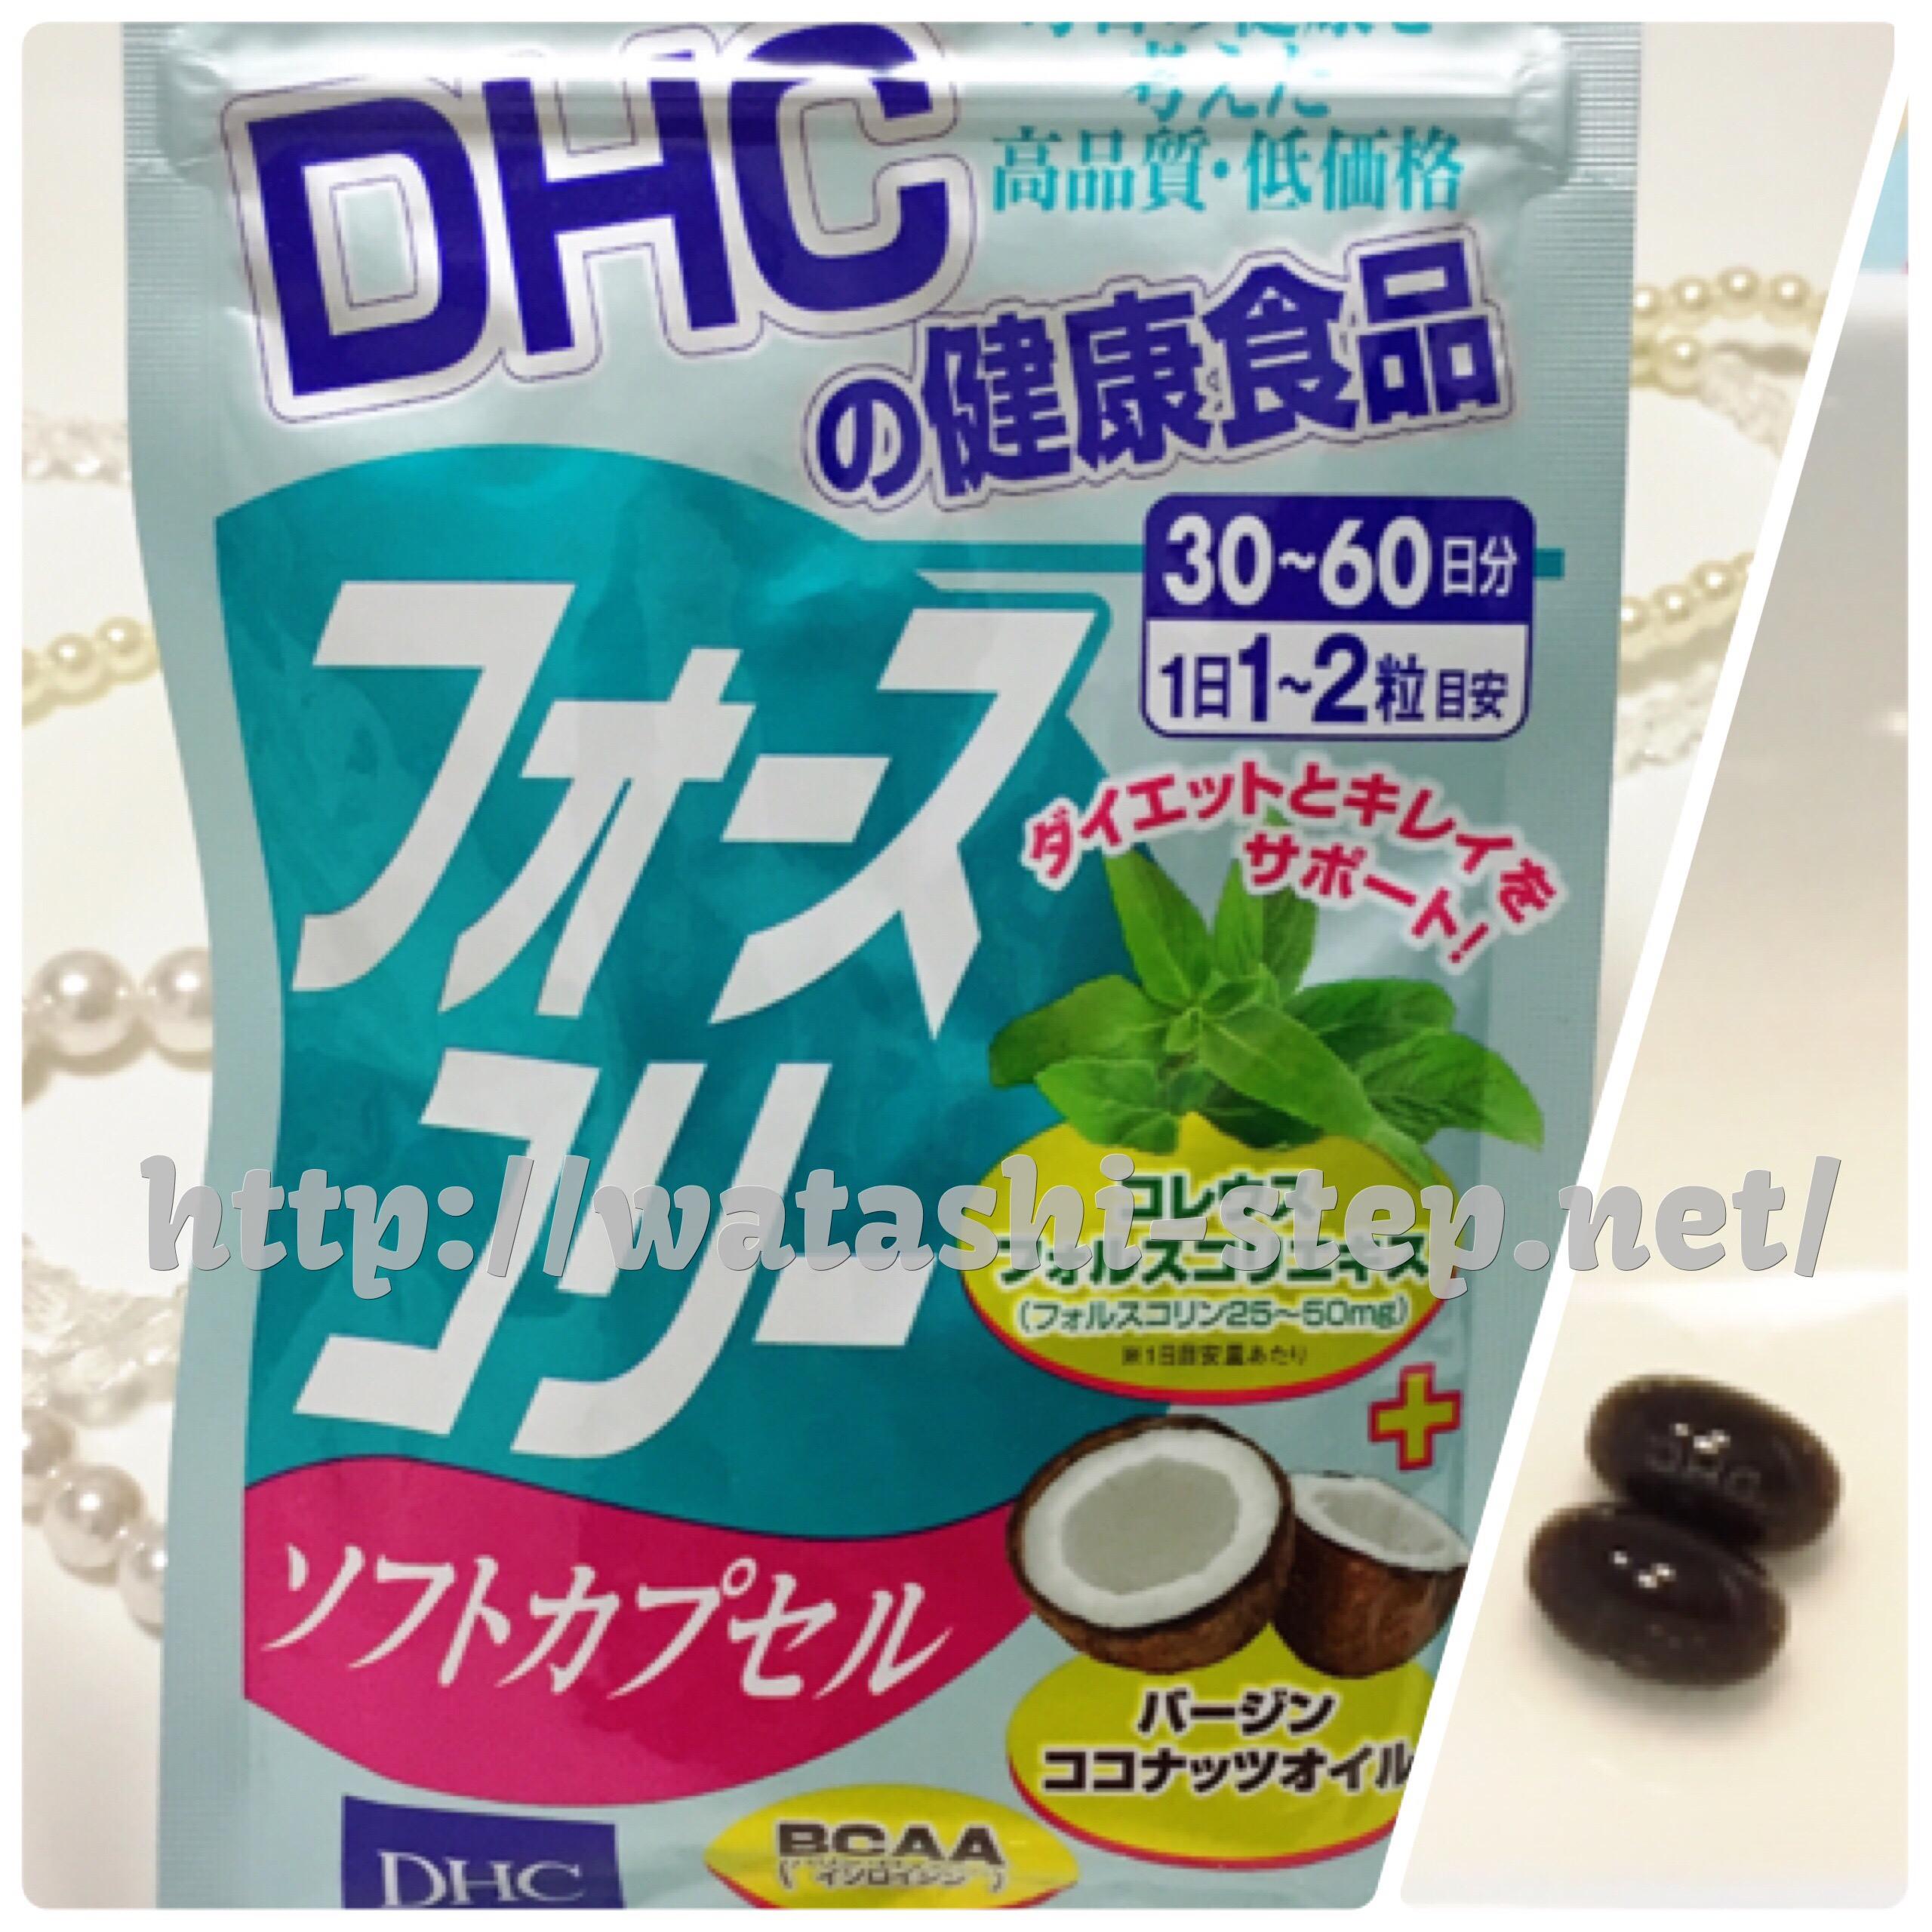 DHCフォースコリーソフトカプセルのパッケージ袋と粒